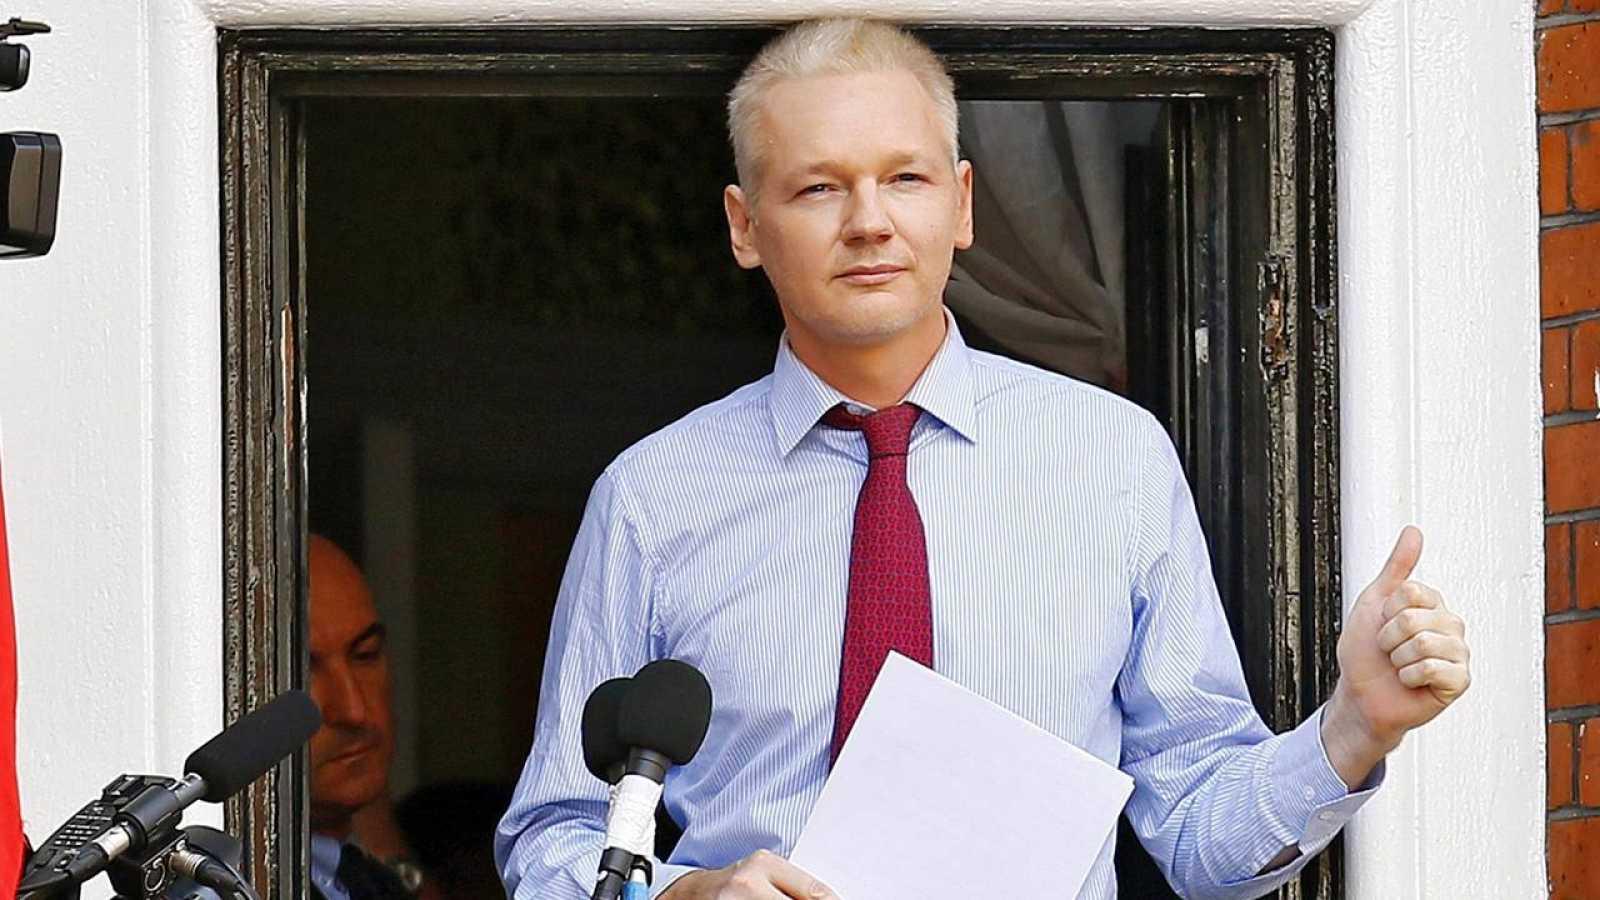 Fotografía de archivo de Julian Assange haciendo una declaración pública desde la Embajada ecuatoriana en Londres